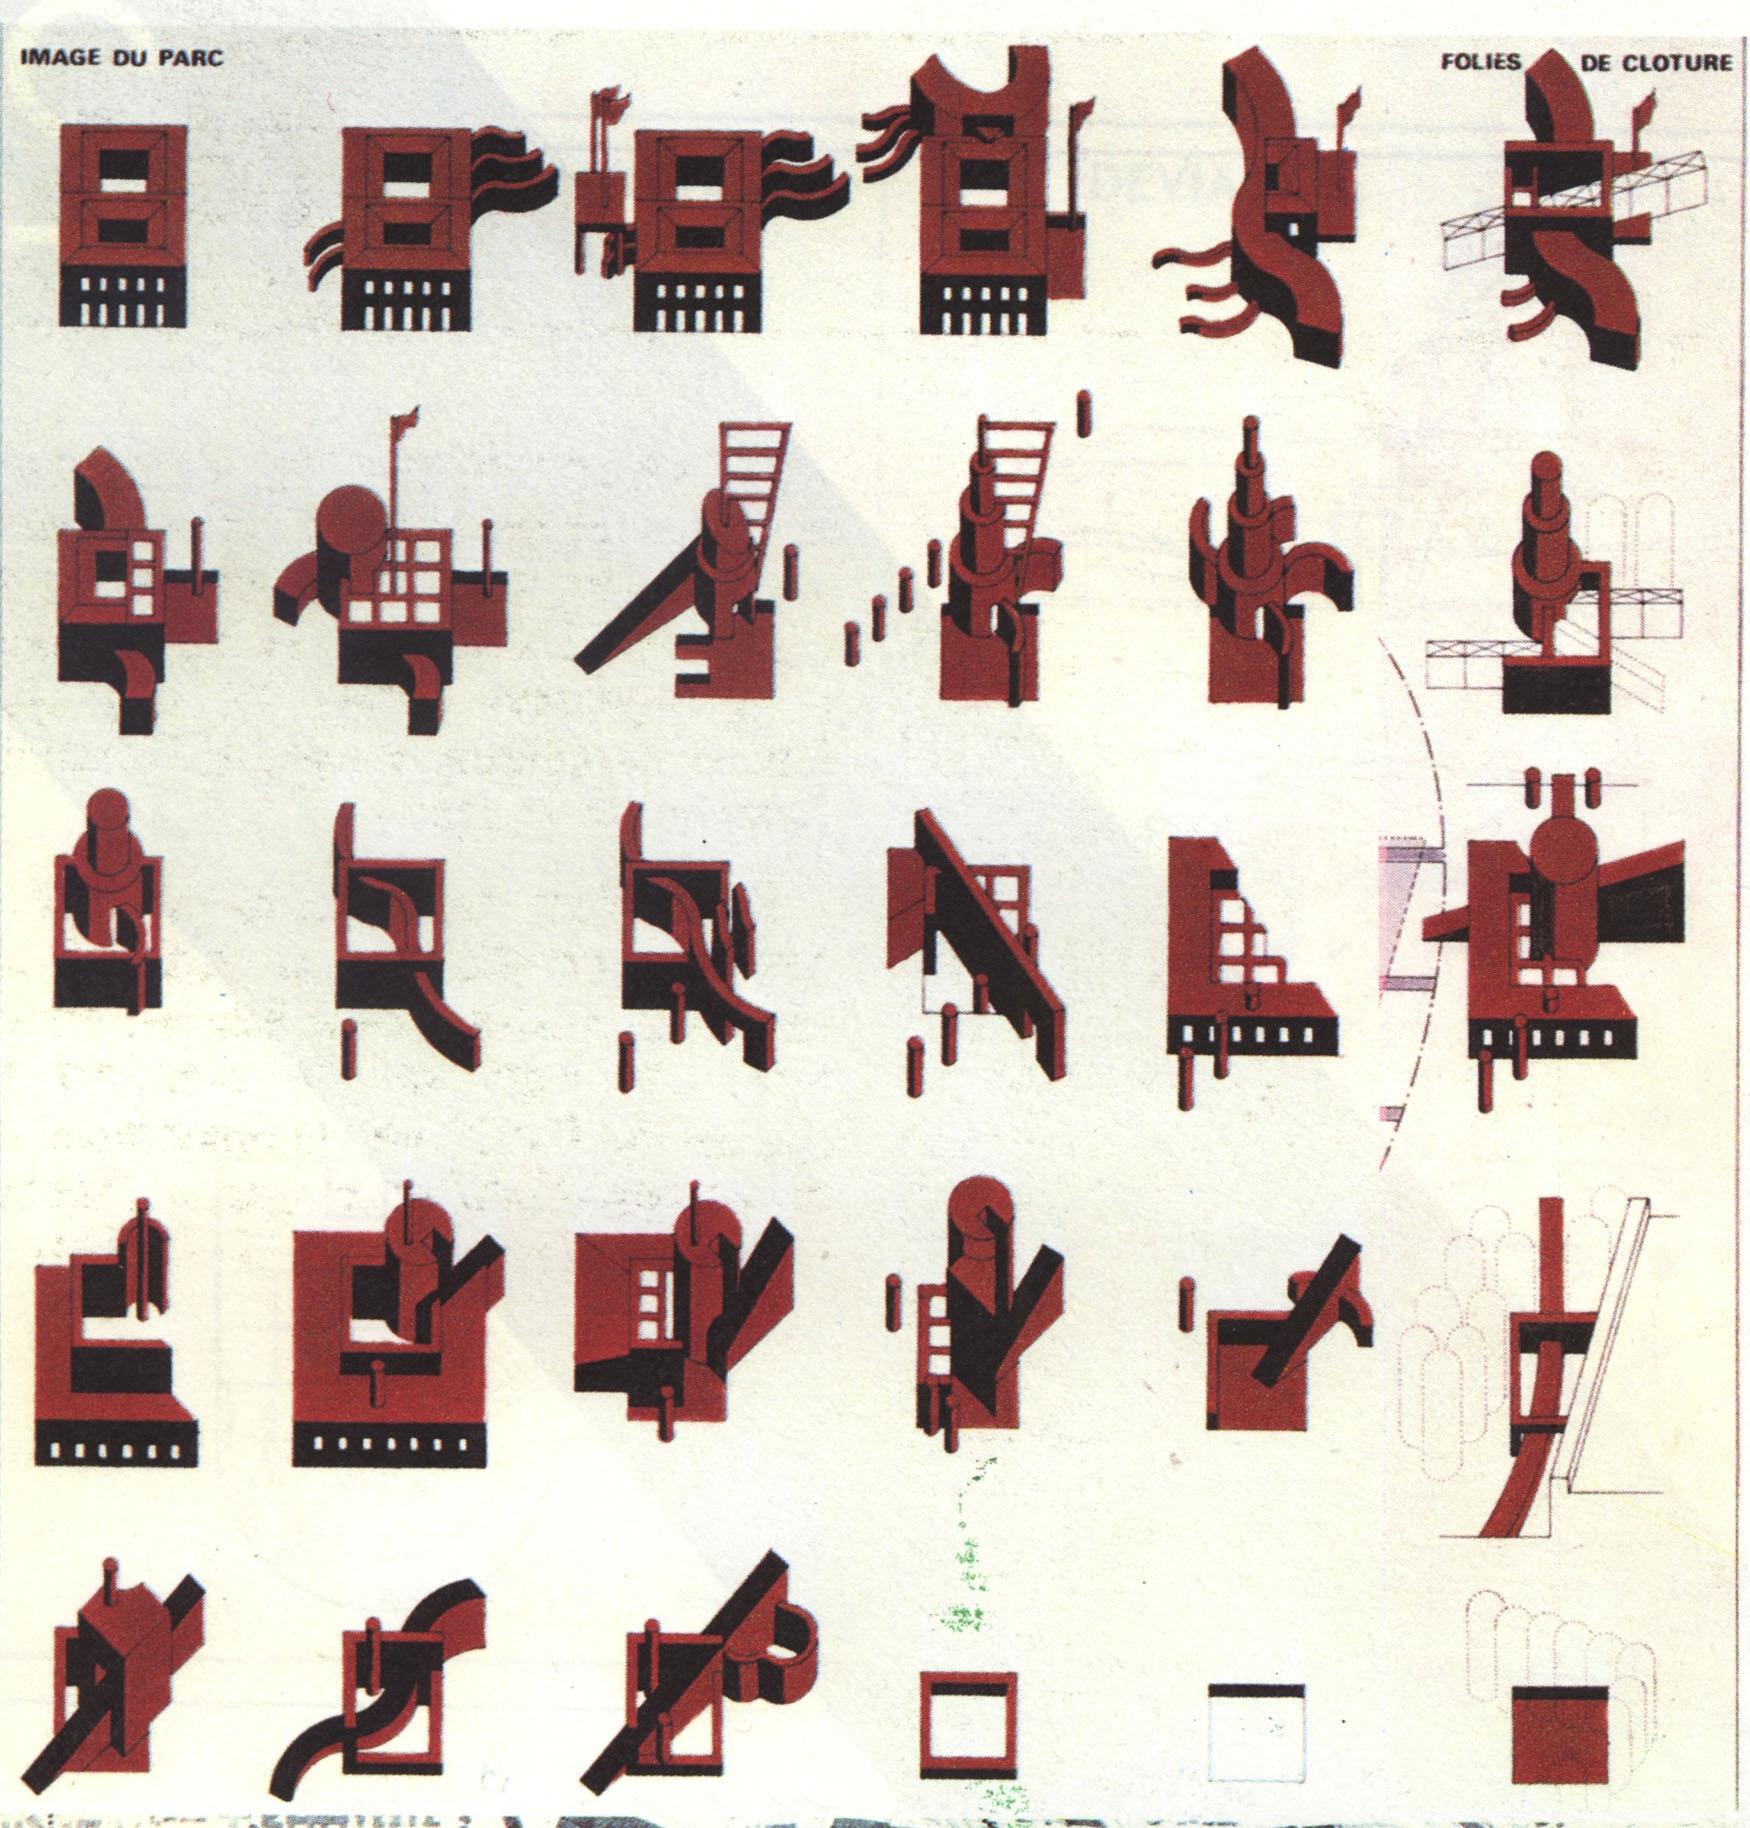 oma parc de la villette diagram blitz turbo timer wiring concours paris 1982 43acne 43